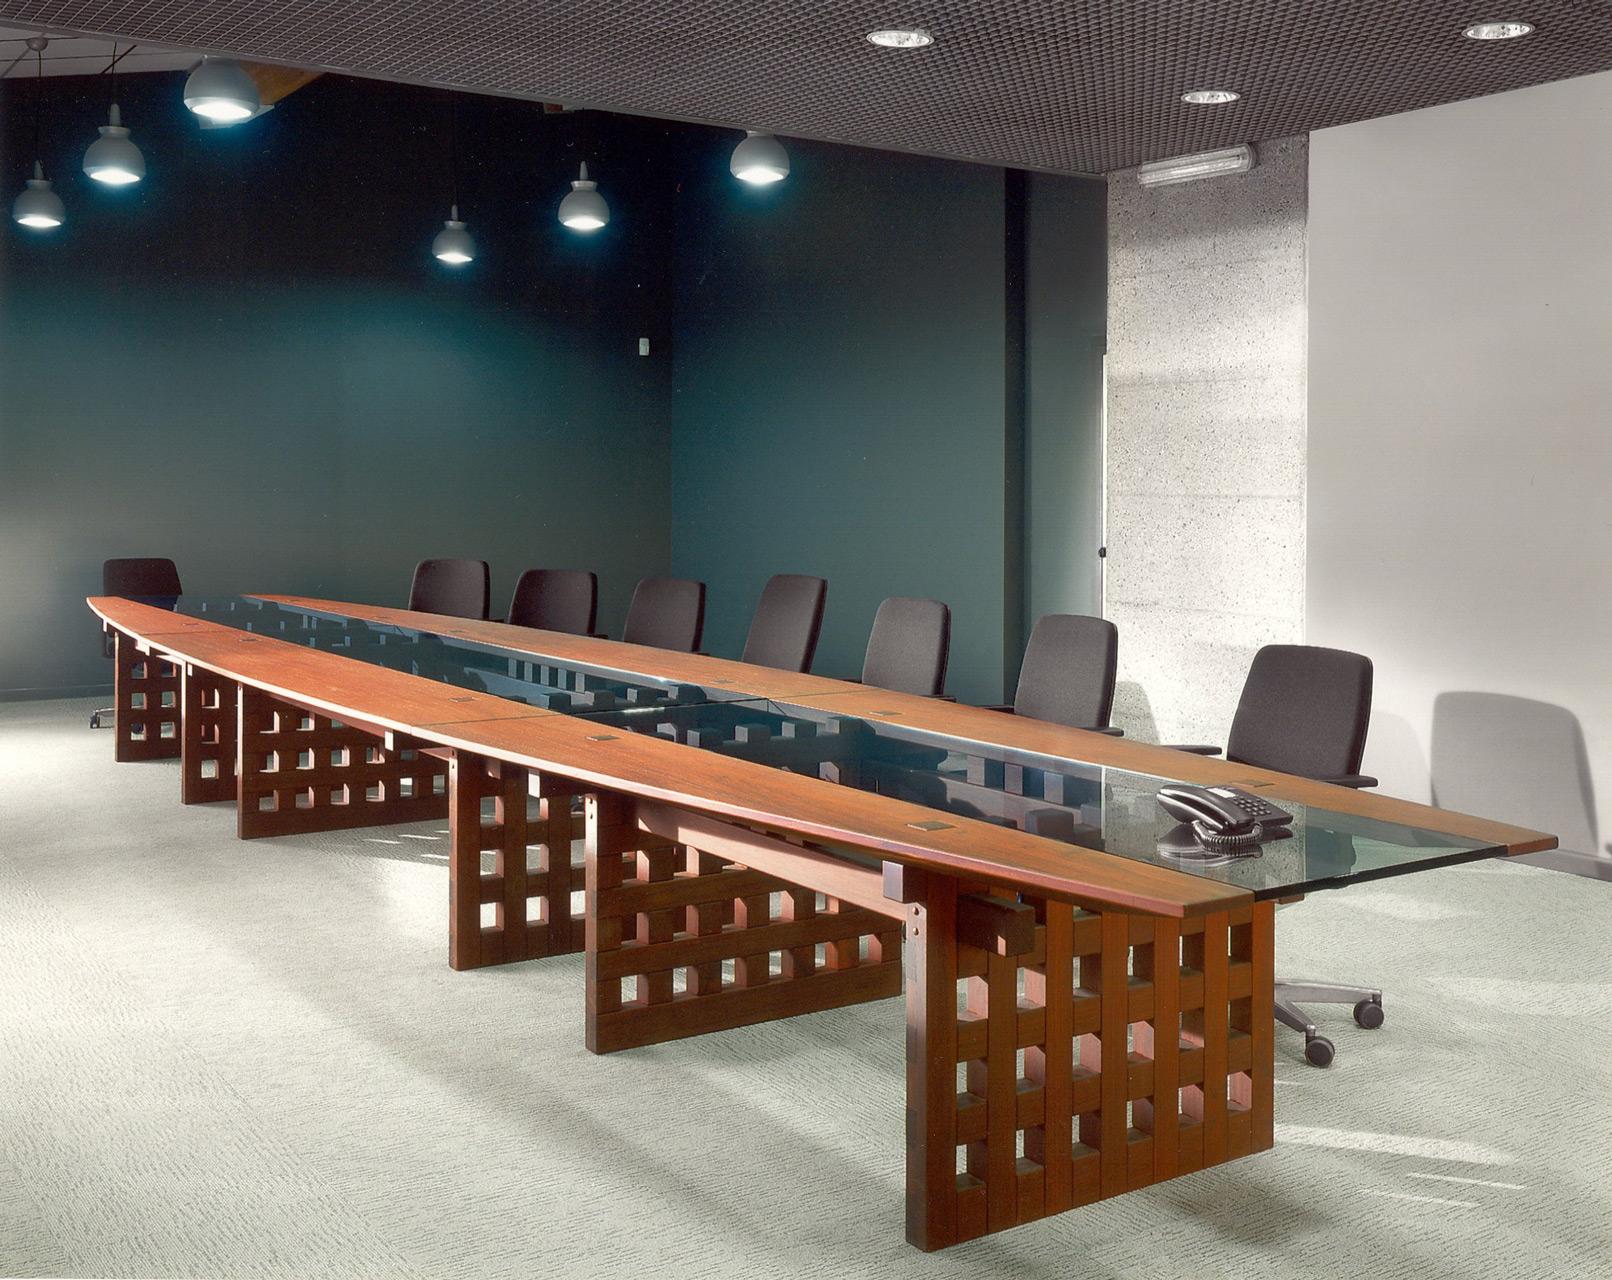 Tavolo per riunioni in legno Padouk. Progetto di Nester Piotrowski.